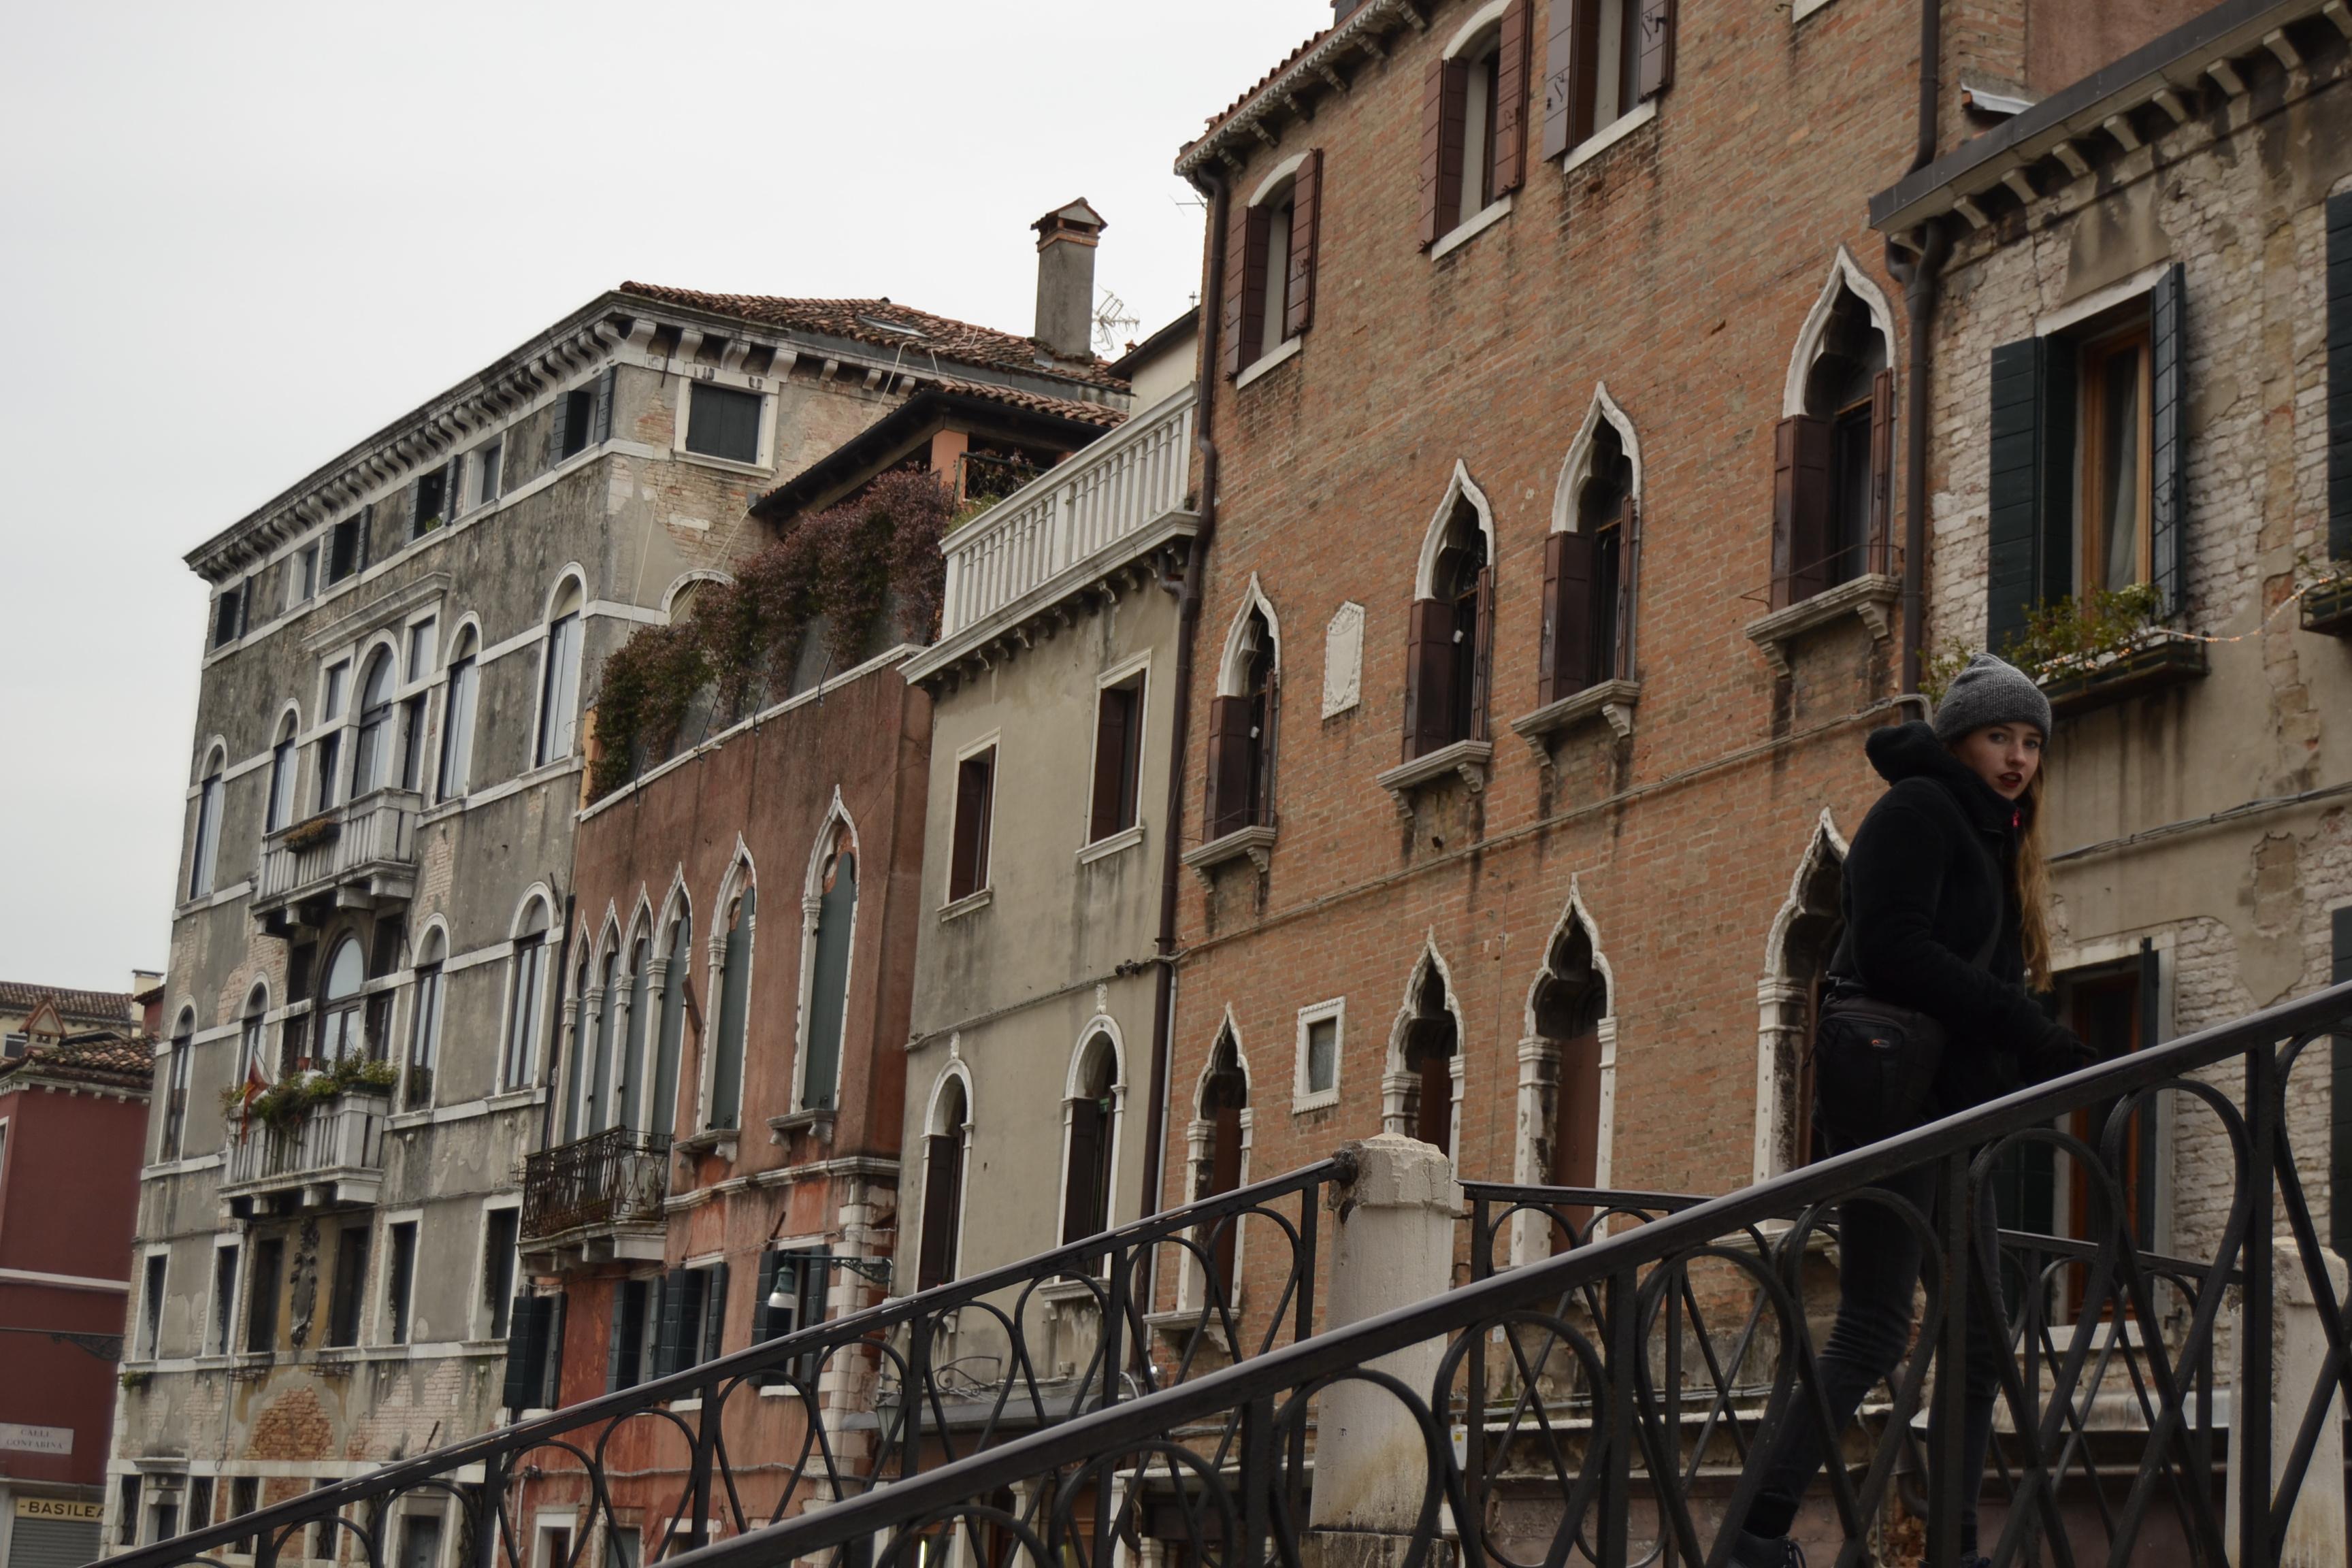 Casas y puentes en Venecia